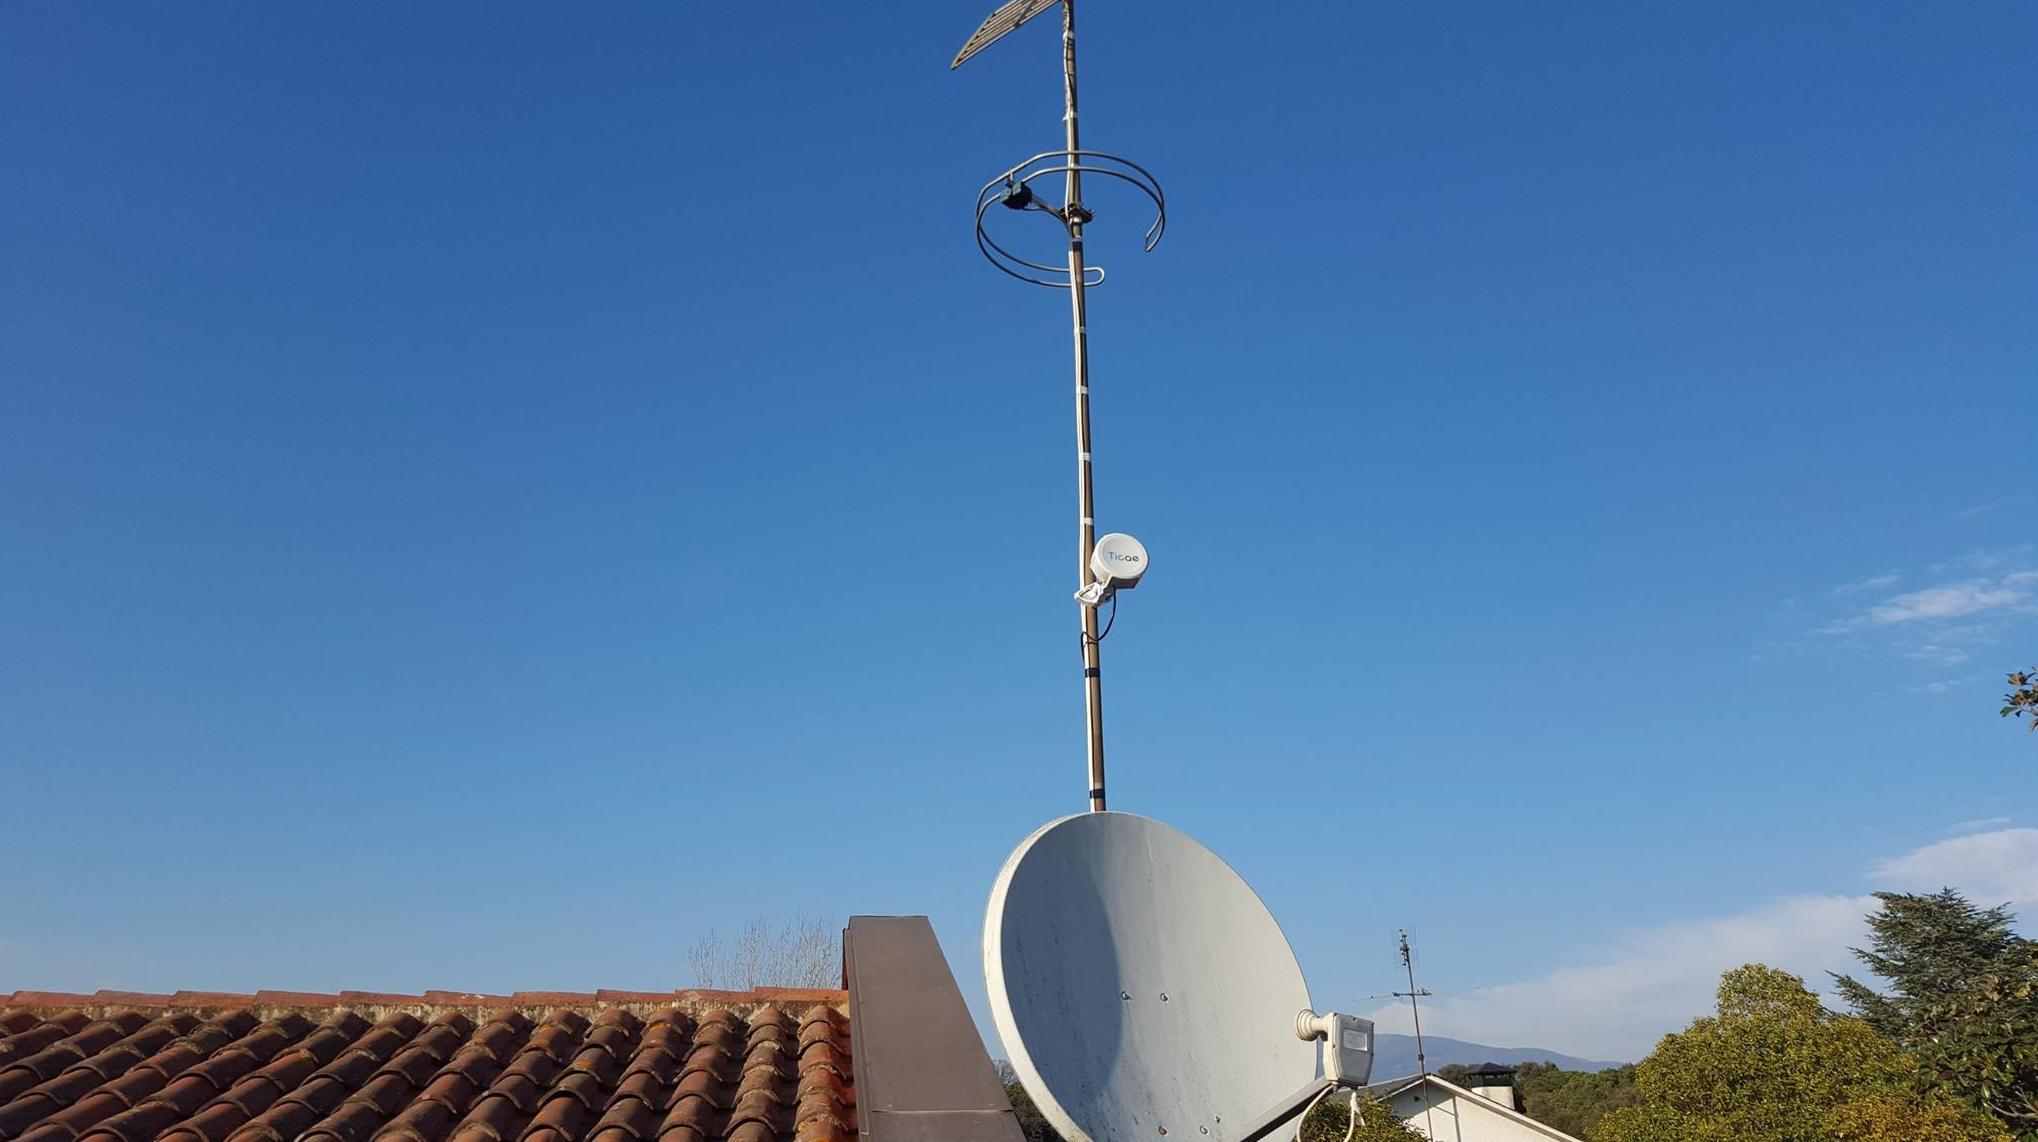 Instalación de antenas paabólicas